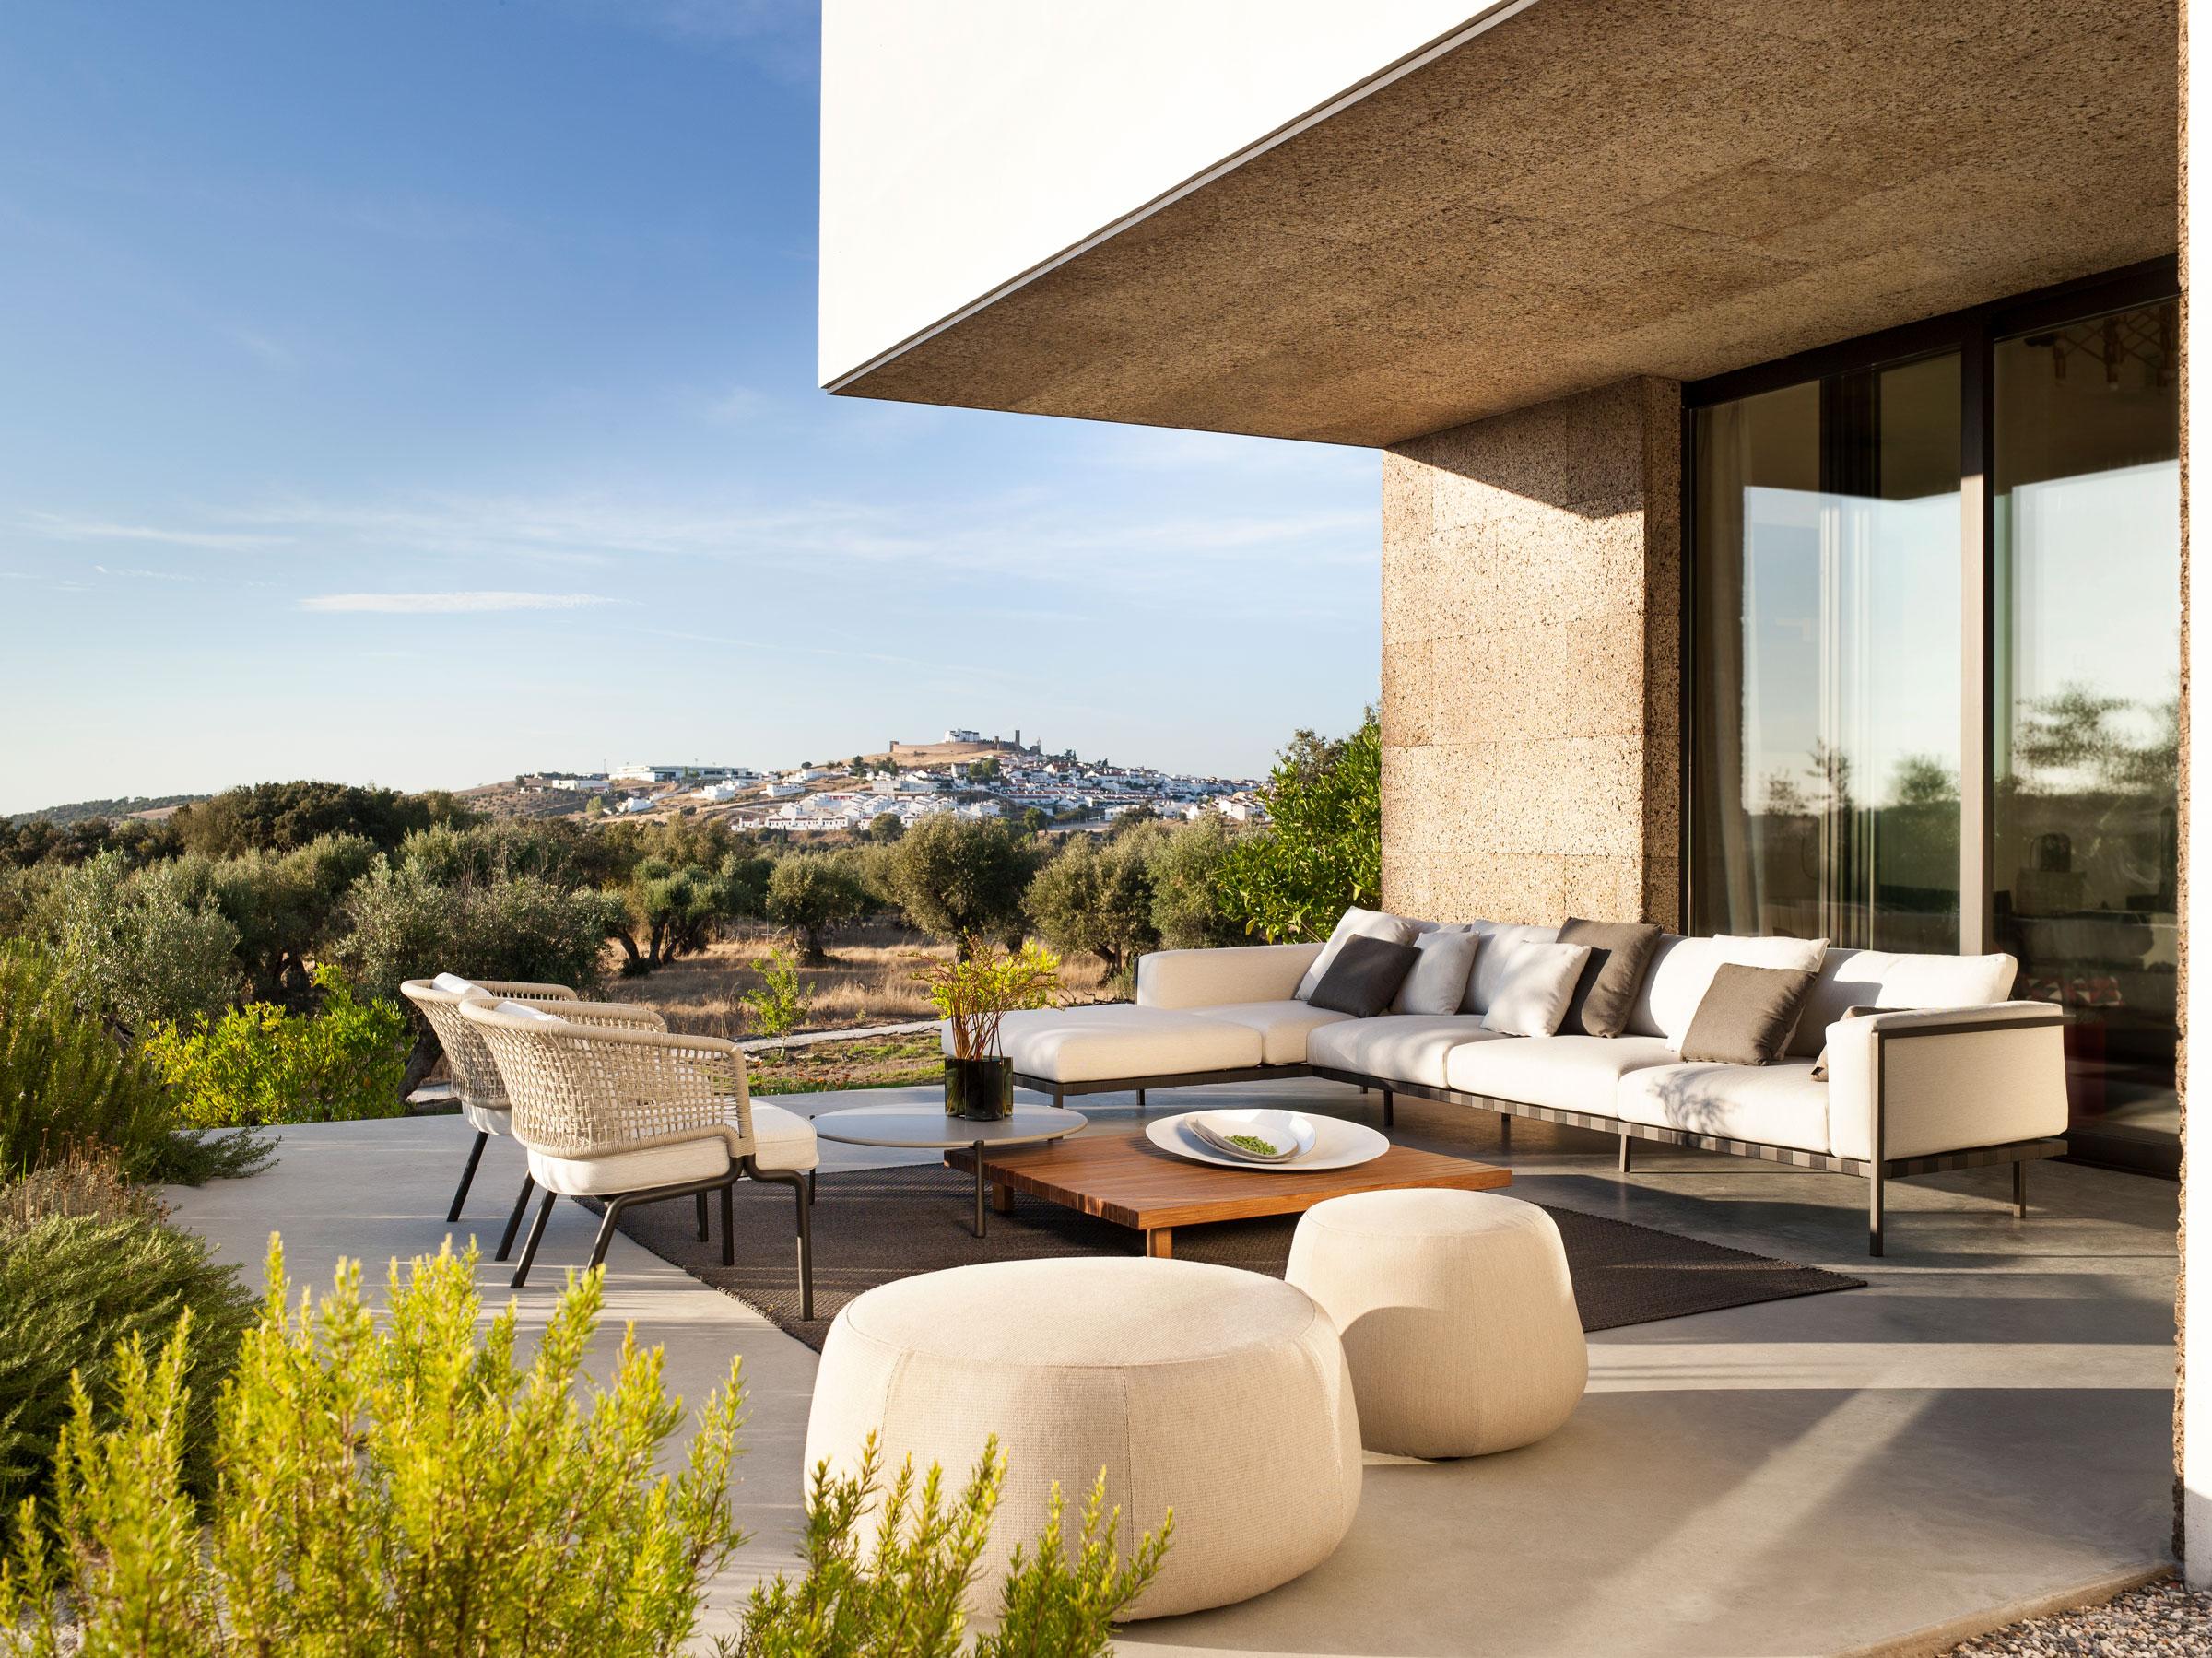 hauser-design-loungesituation-von-tribu